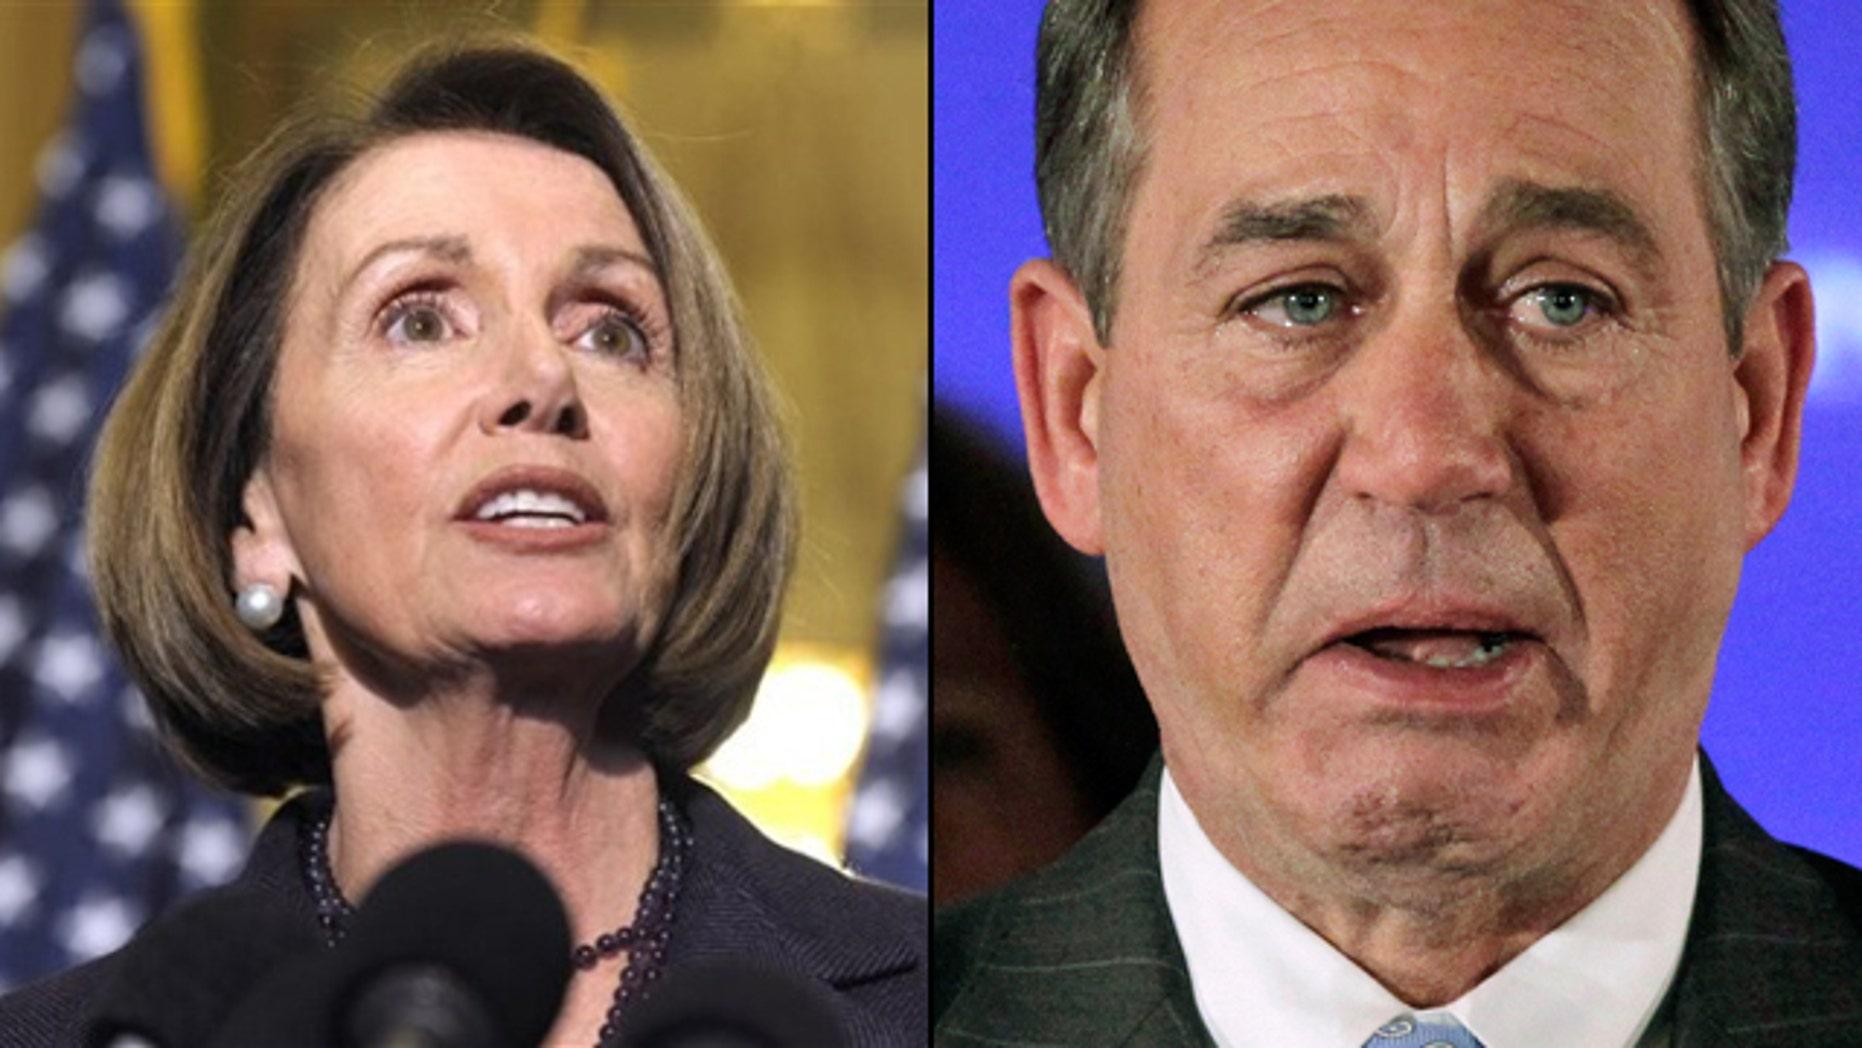 Outgoing House Speaker Nancy Pelosi seemed to belittle incoming Speaker John Boehner's penchant for crying. (AP)